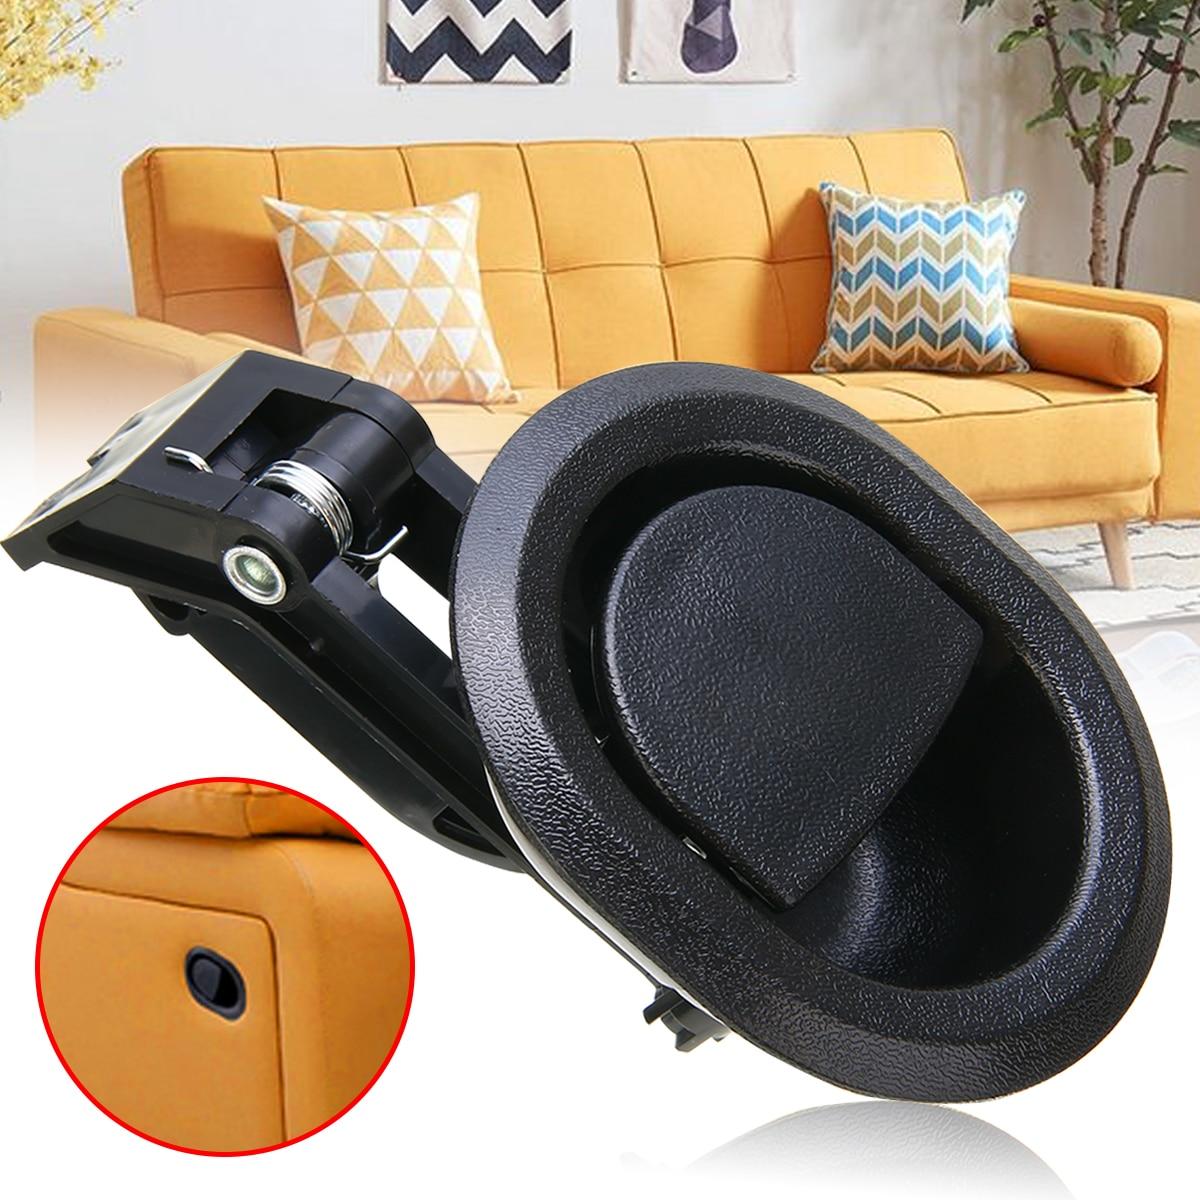 Пластиковый сменный диван рычаг, кресло с откидной ручкой, длинный наконечник кабеля подходит для мебели